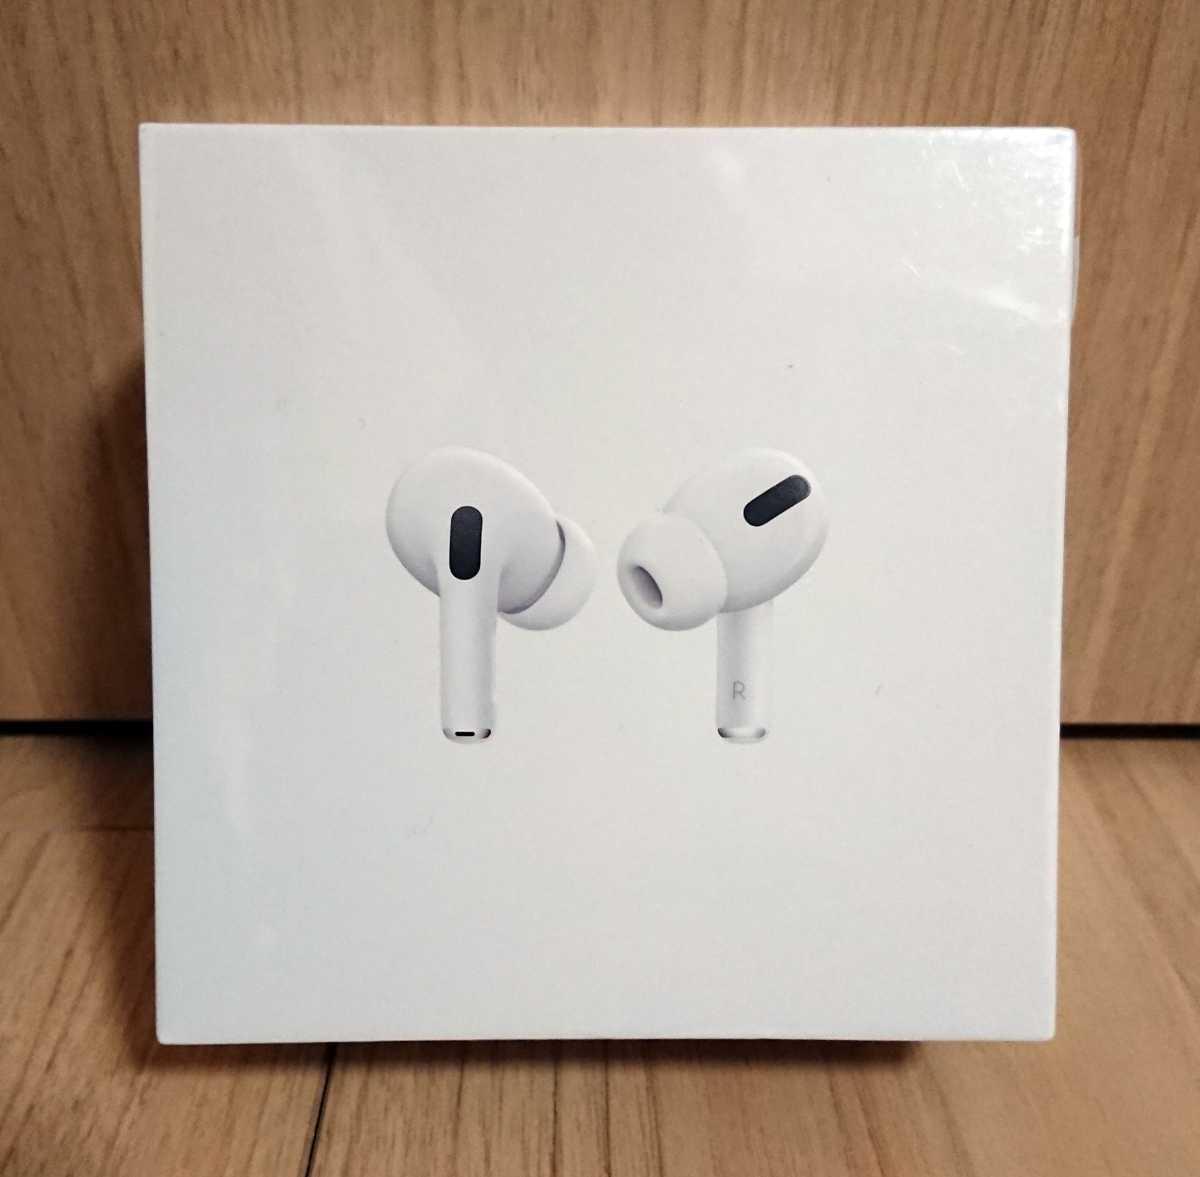 【送料無料】 アップル Apple AirPods Pro (エアーポッズプロ) ワイヤレスヘッドフォン MWP22J/A 【新品未開封】_画像3